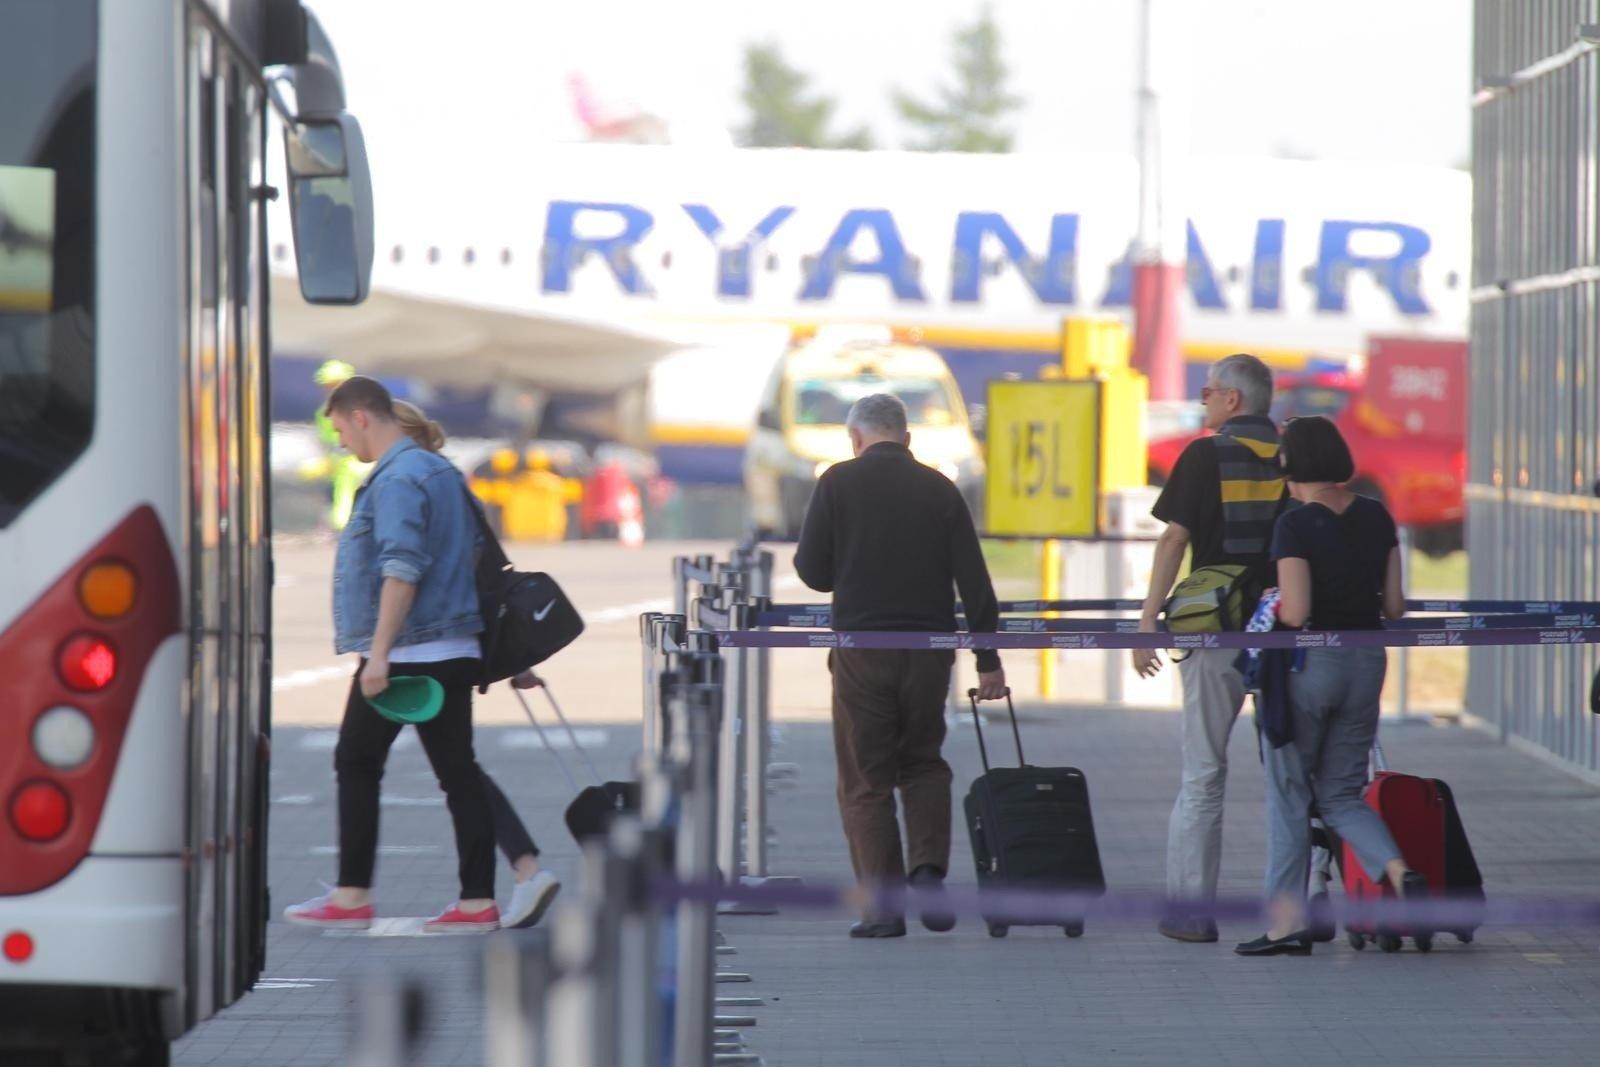 7515f120749f4 Pamiętaj o zmianie opłat w Ryanair za bagaż. Za duży bagaż wnoszony do  samolotu też płacisz!